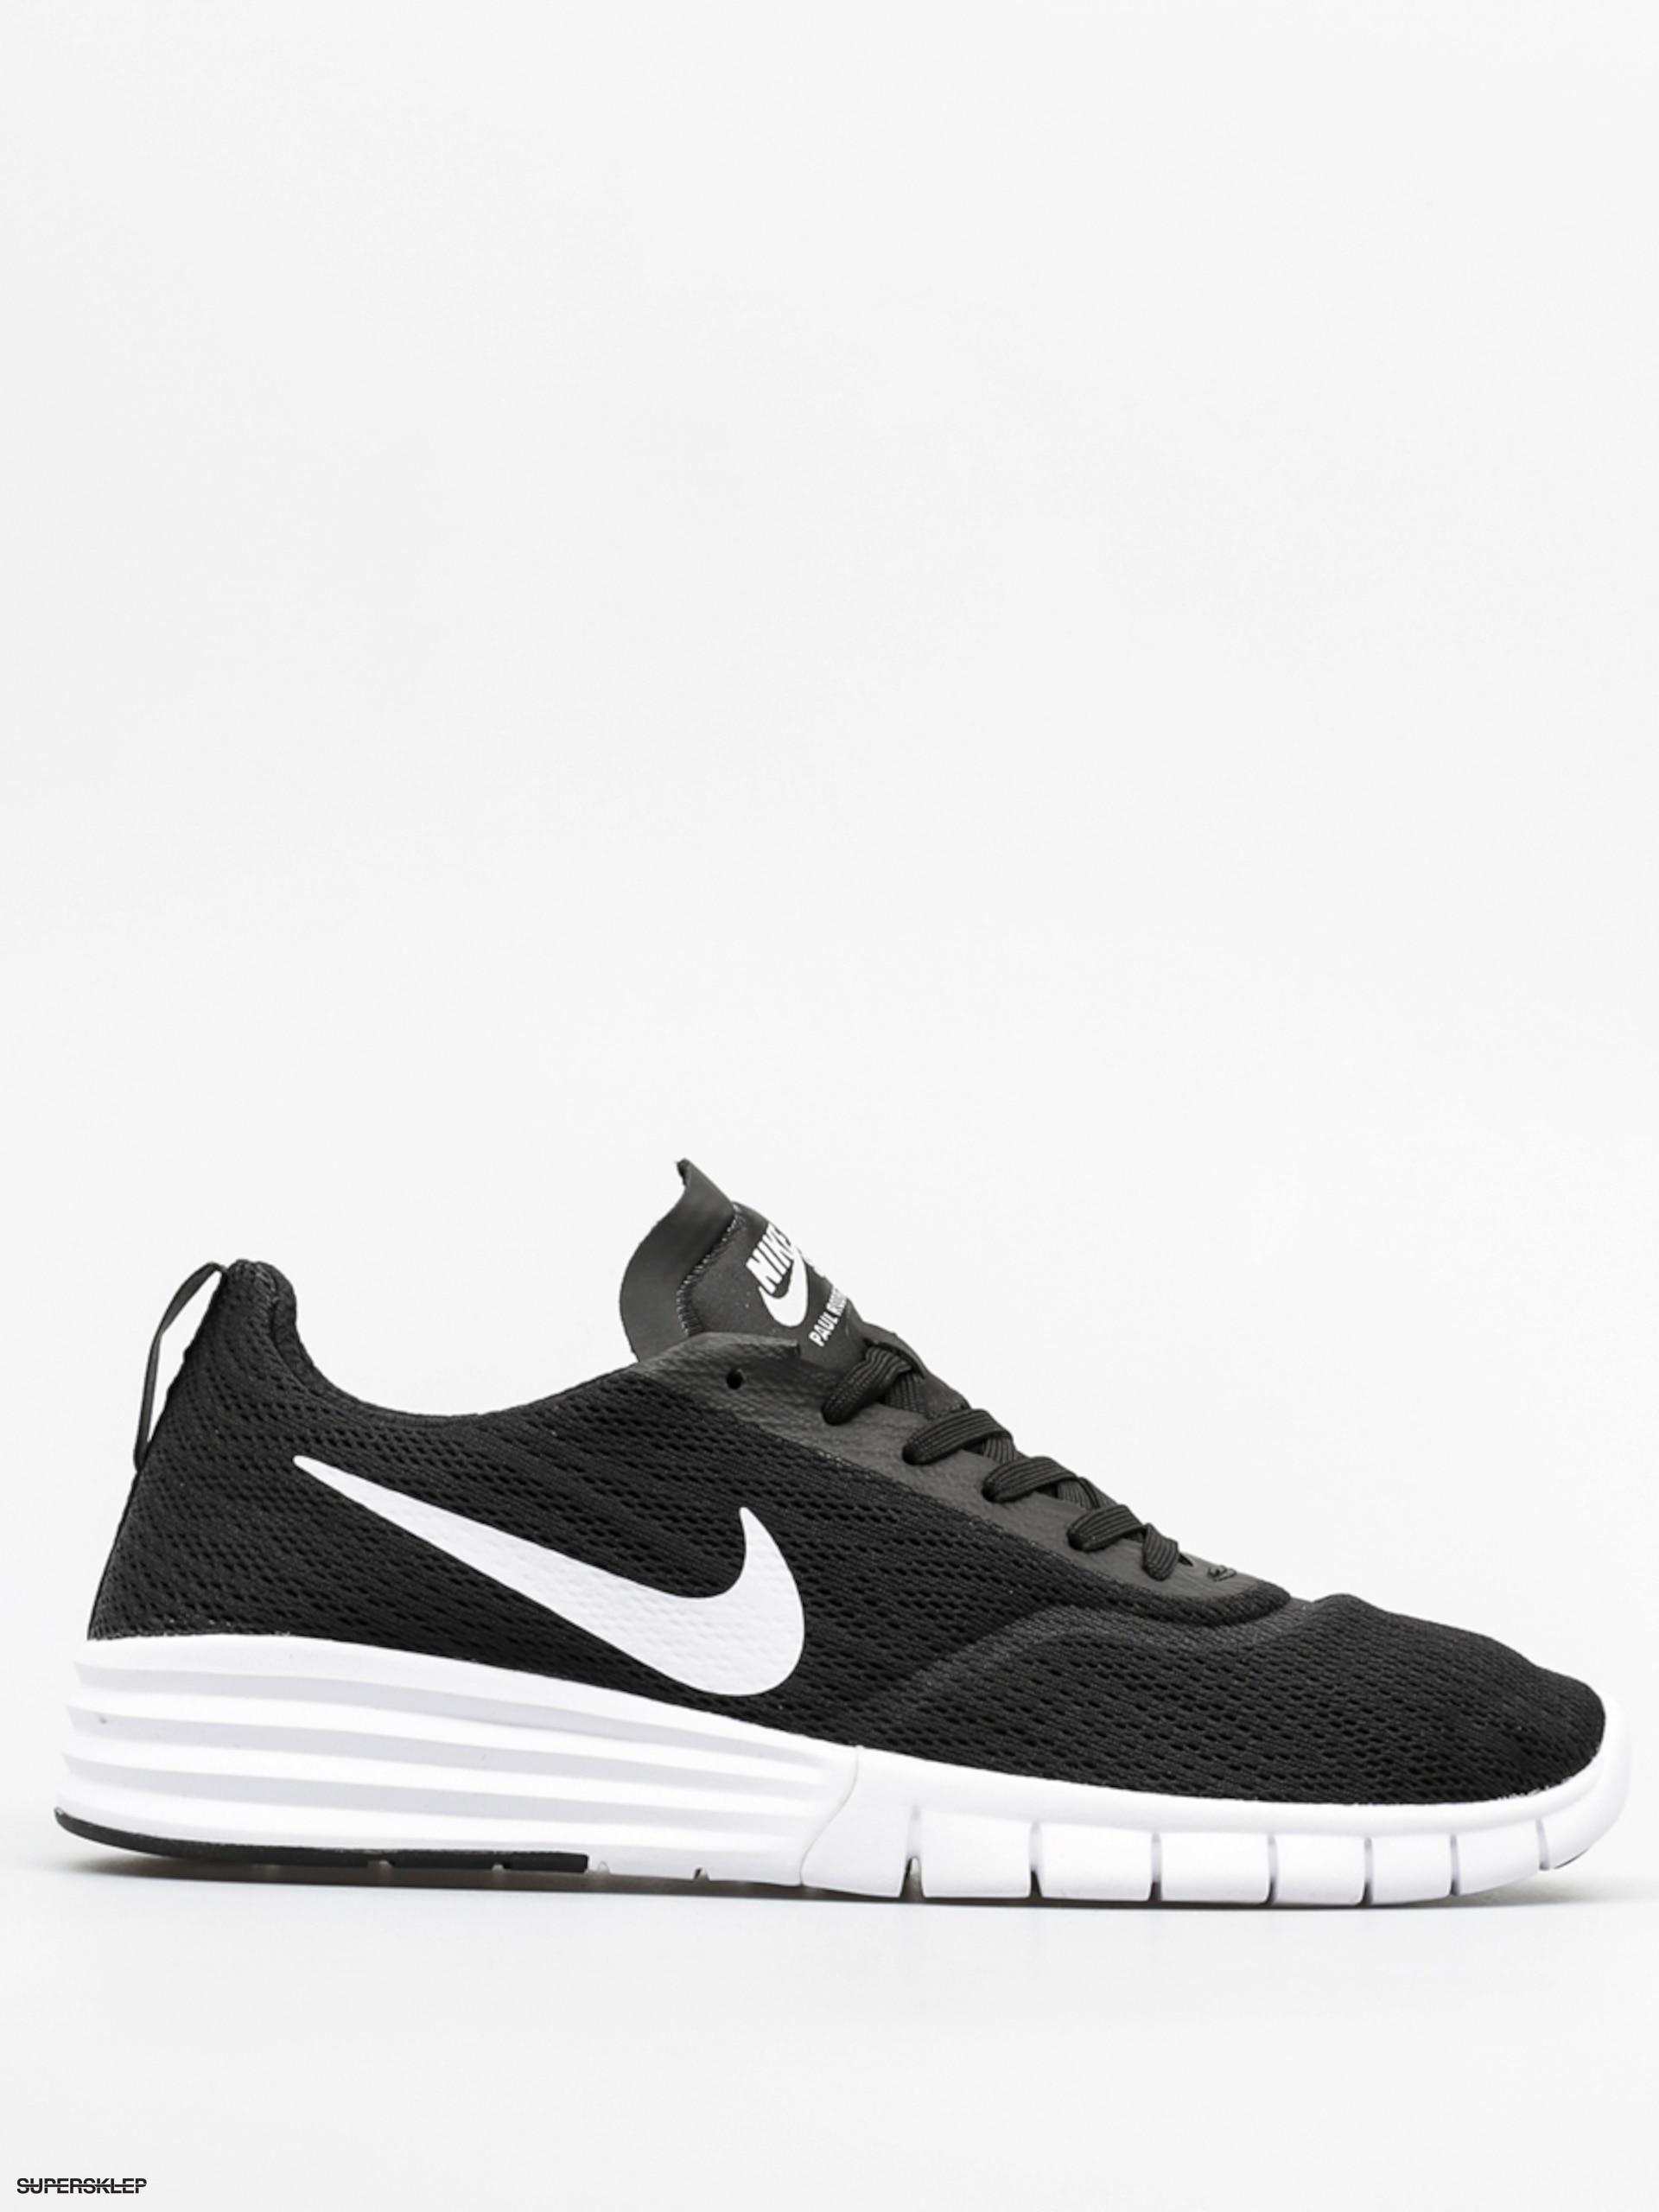 66c82ad168 Topánky Nike SB Paul Rodriguez 9 RR (black white black)